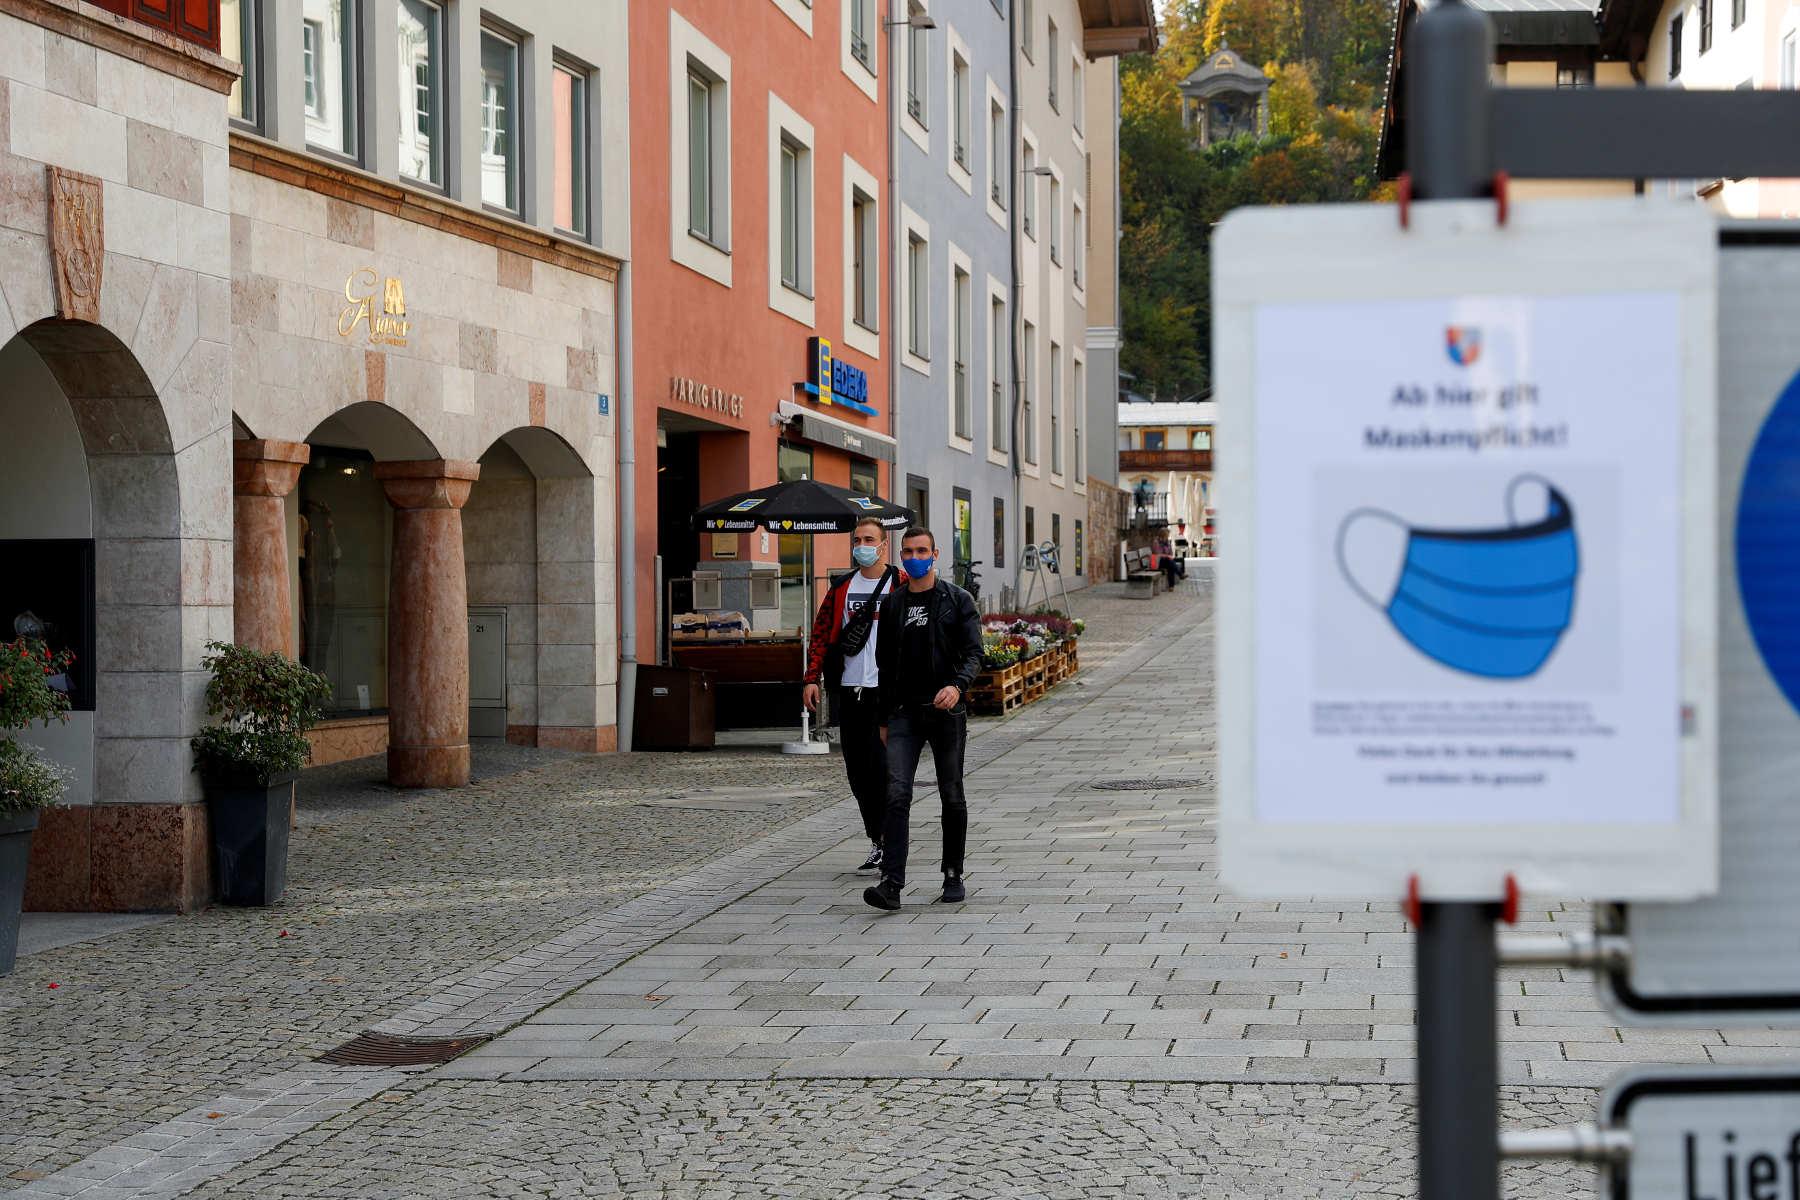 Κορονοϊός: Αυστηρότερο lockdown κατά του κορονοϊού επιβάλει η Βαυαρία